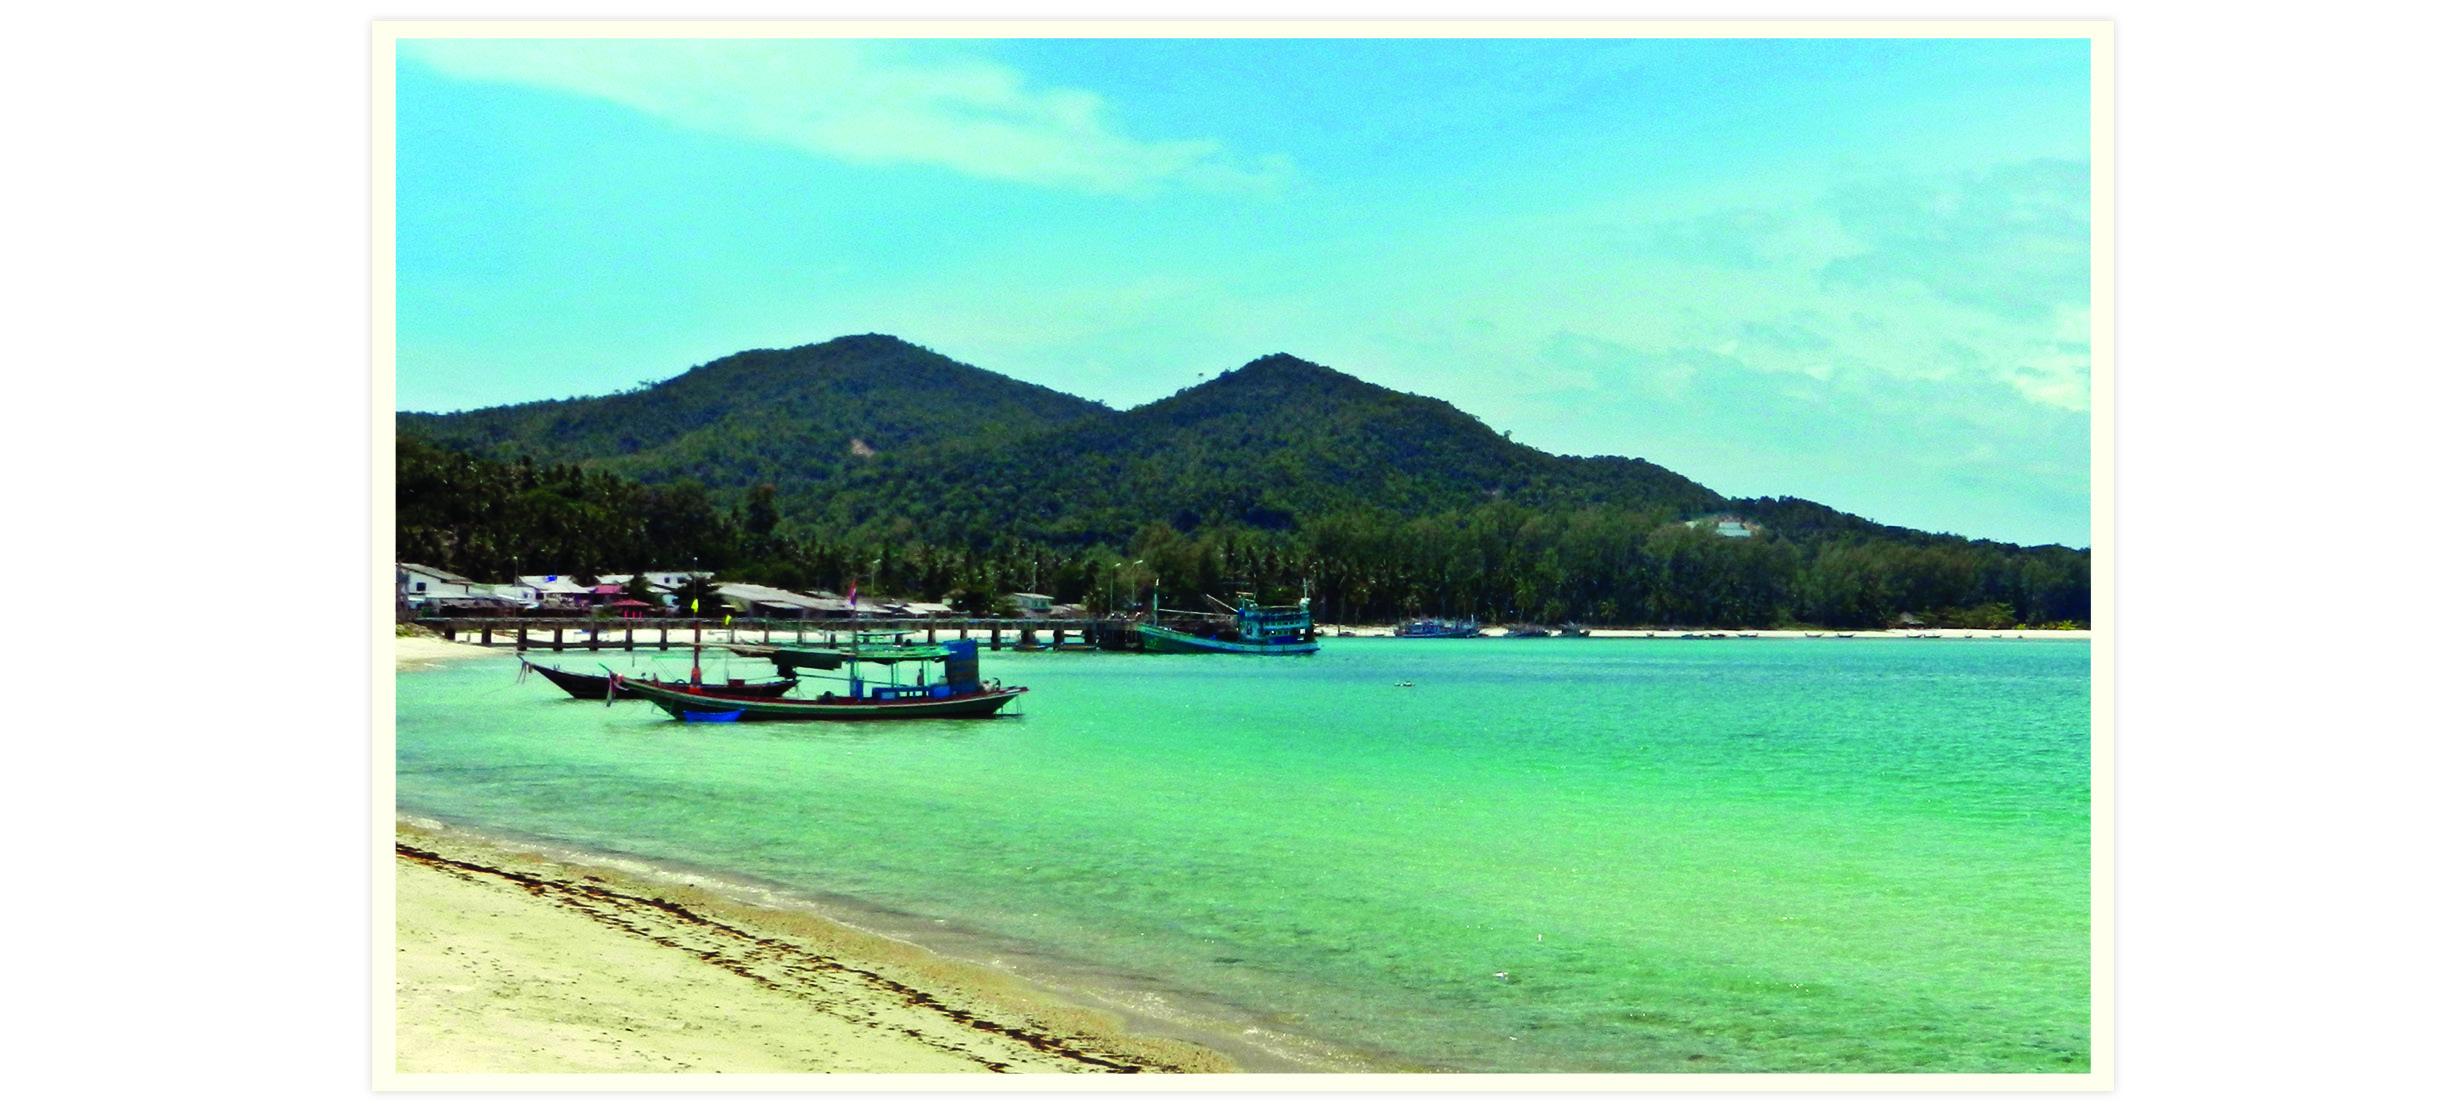 Voyage en Thaïlande. Long tail boat au bord de la mer à Koh Phangan